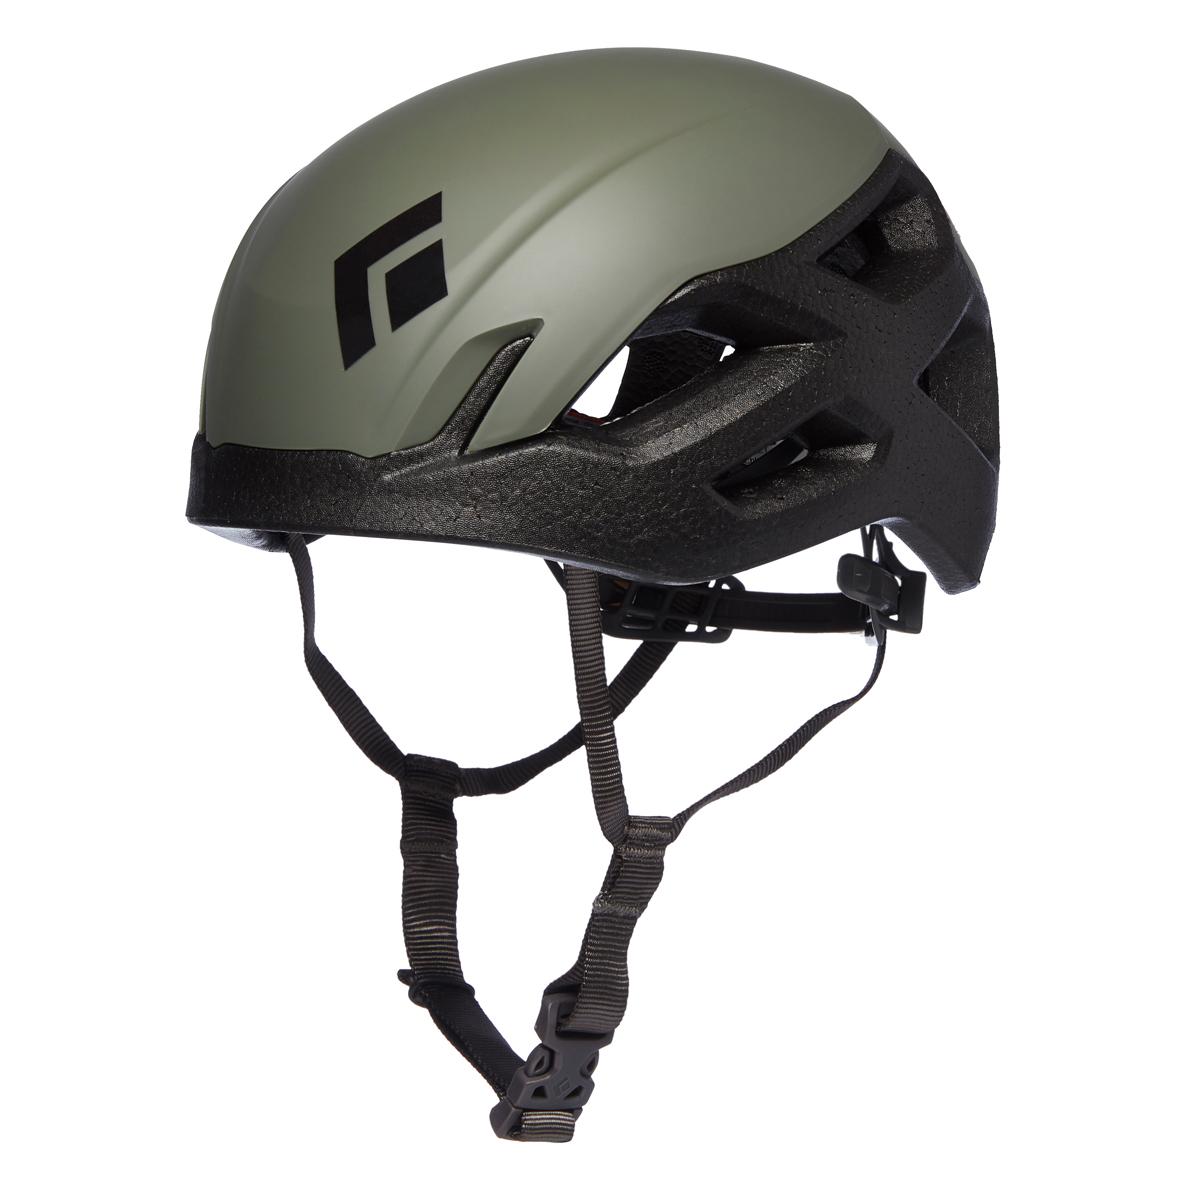 ヘルメット 送料無料 BD12055 軽量 最新 販売期間 限定のお得なタイムセール ビジョン クライミング ブラックダイヤモンド 激安☆超特価 BlackDiamond